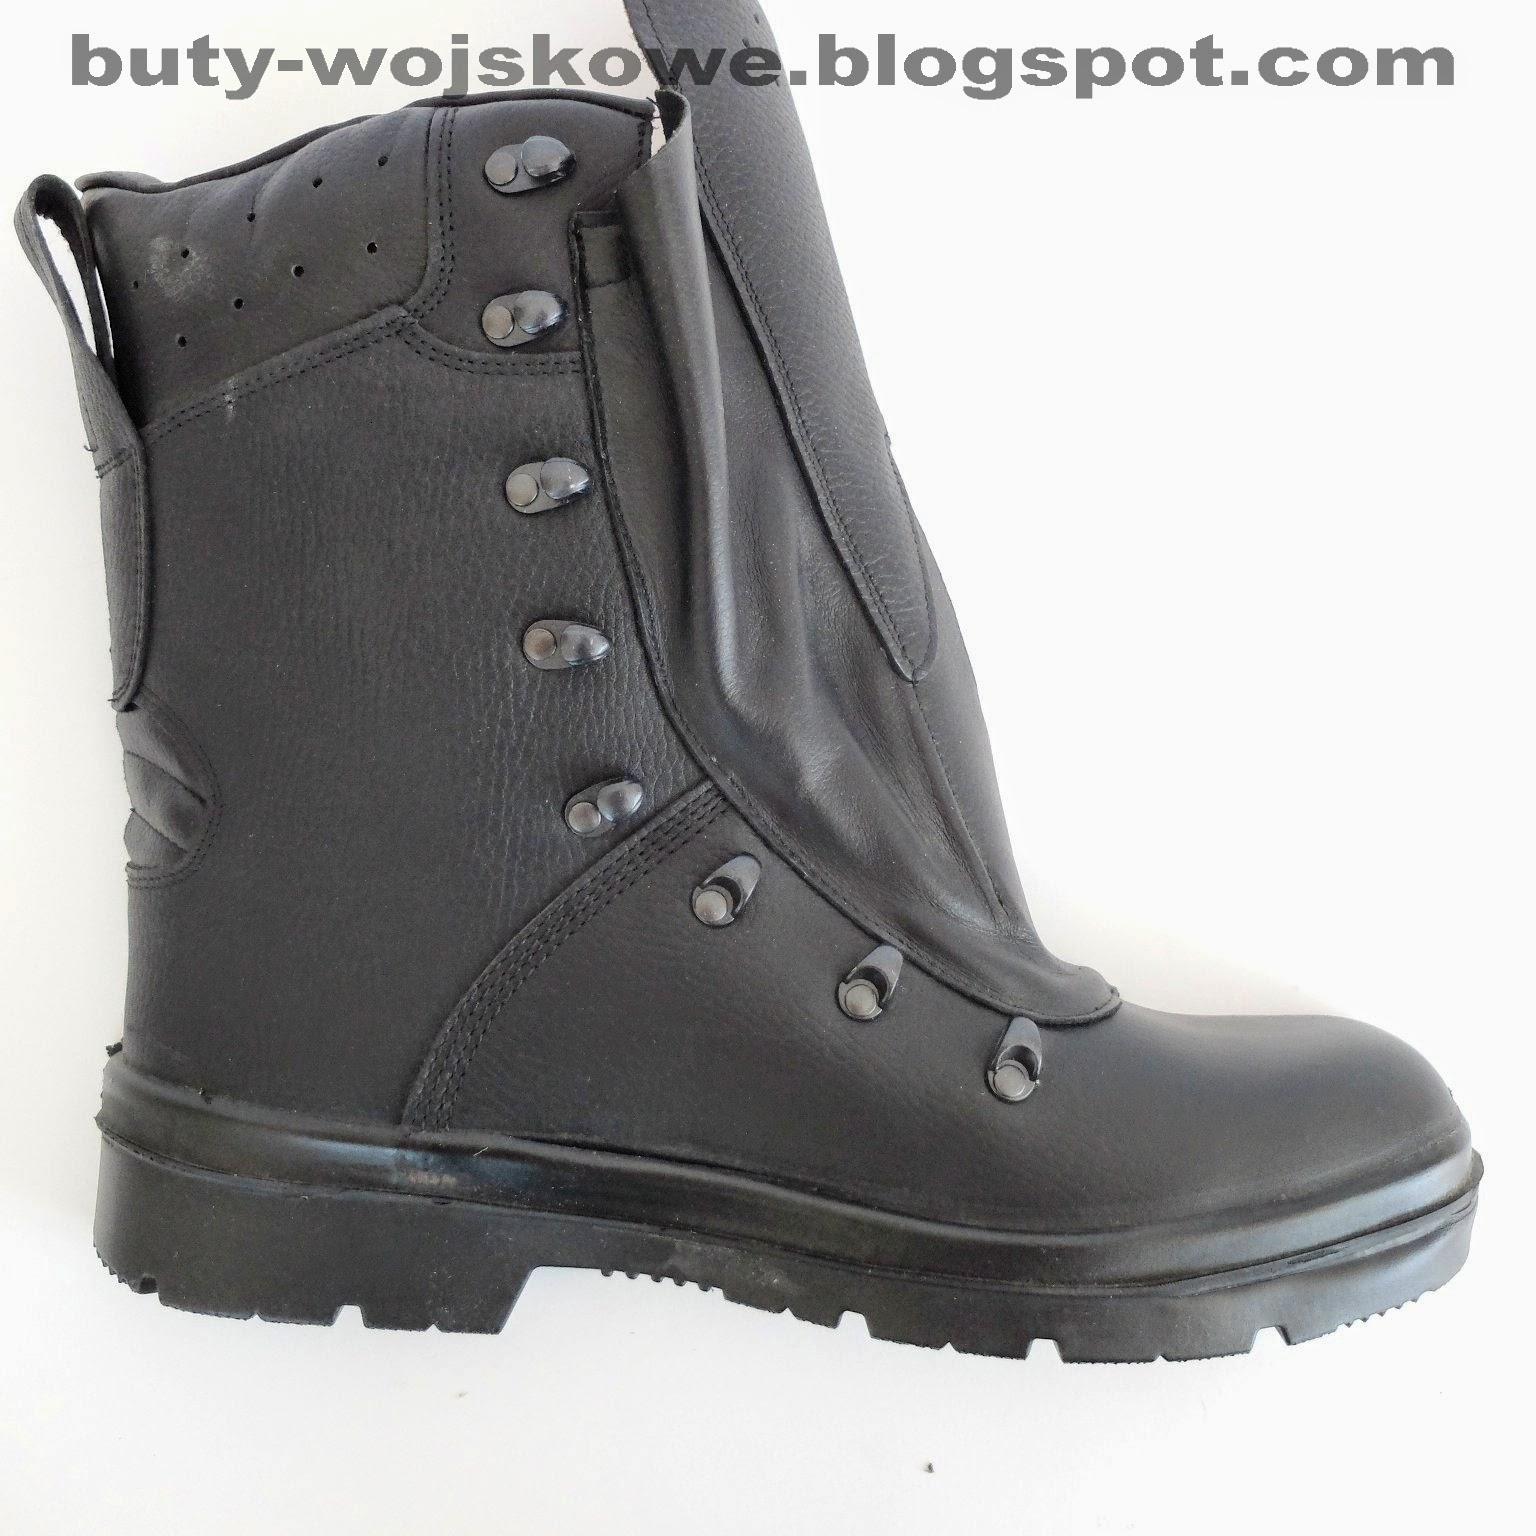 30364803365c90 Buty wojskowe - wszystko co chciałbyś wiedzieć o butach Bundeswehr i ...